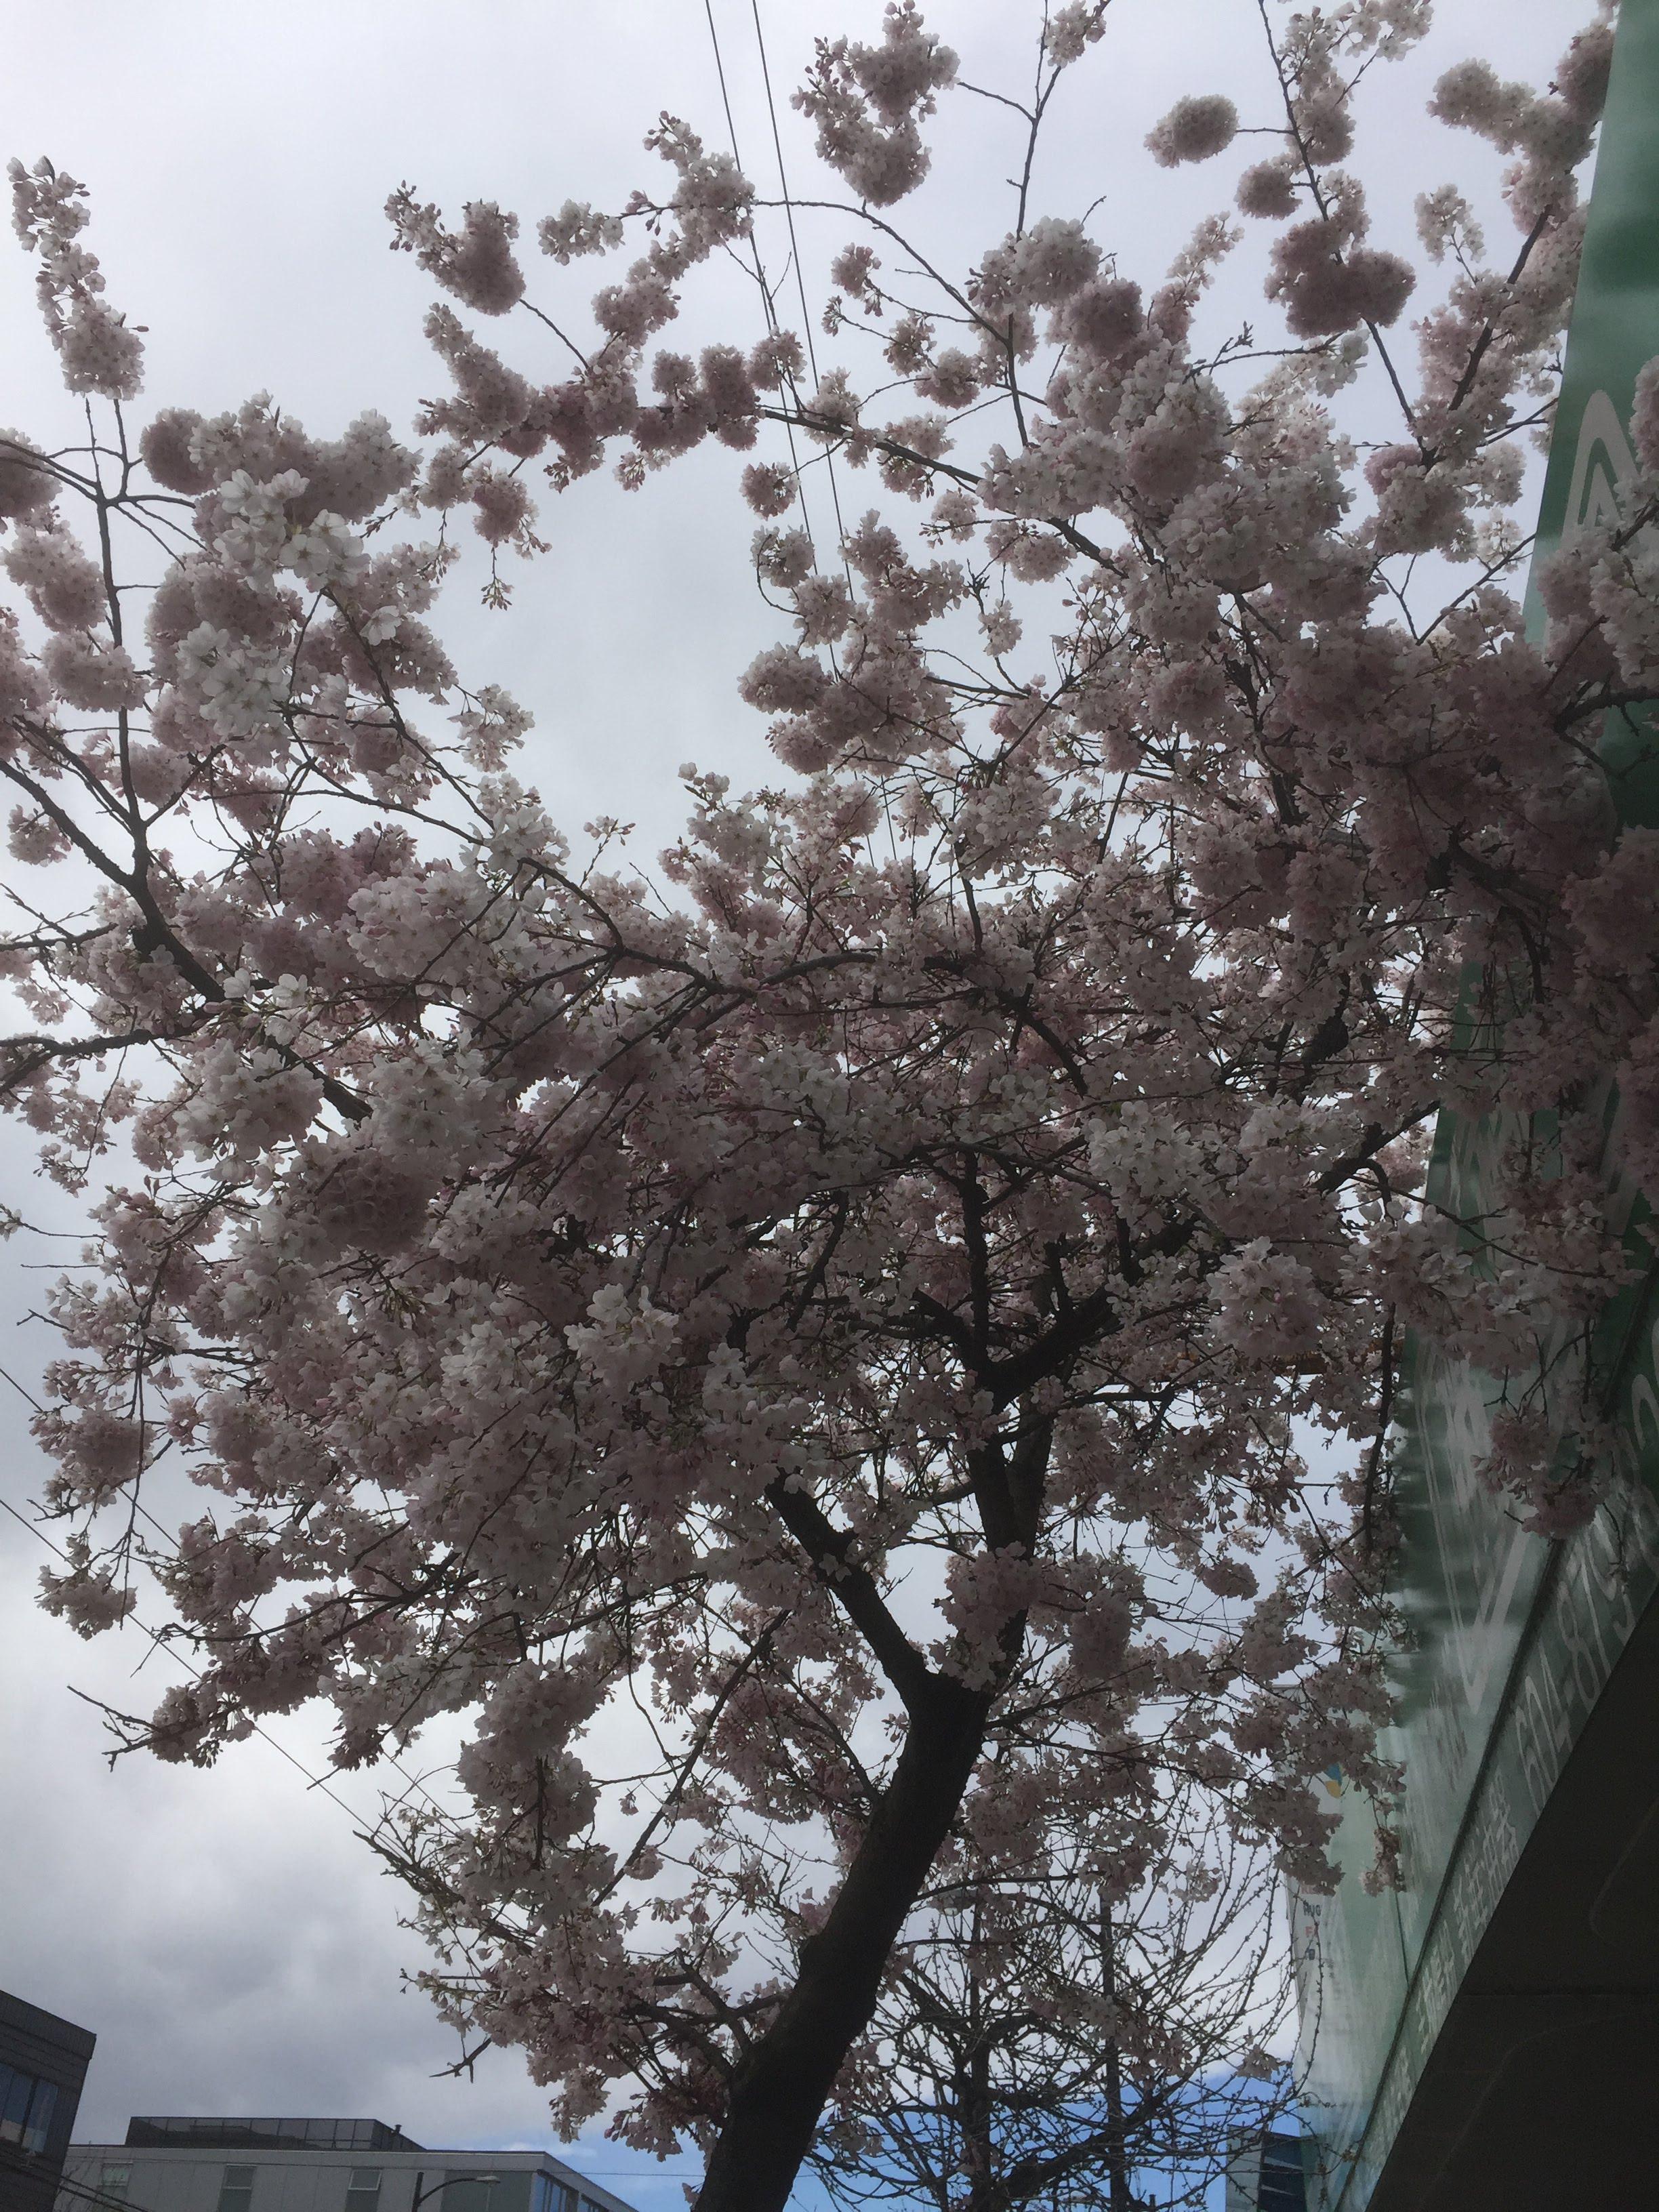 バンクーバーにも桜が咲きました。春をテーマにお花づくりアクティビティ